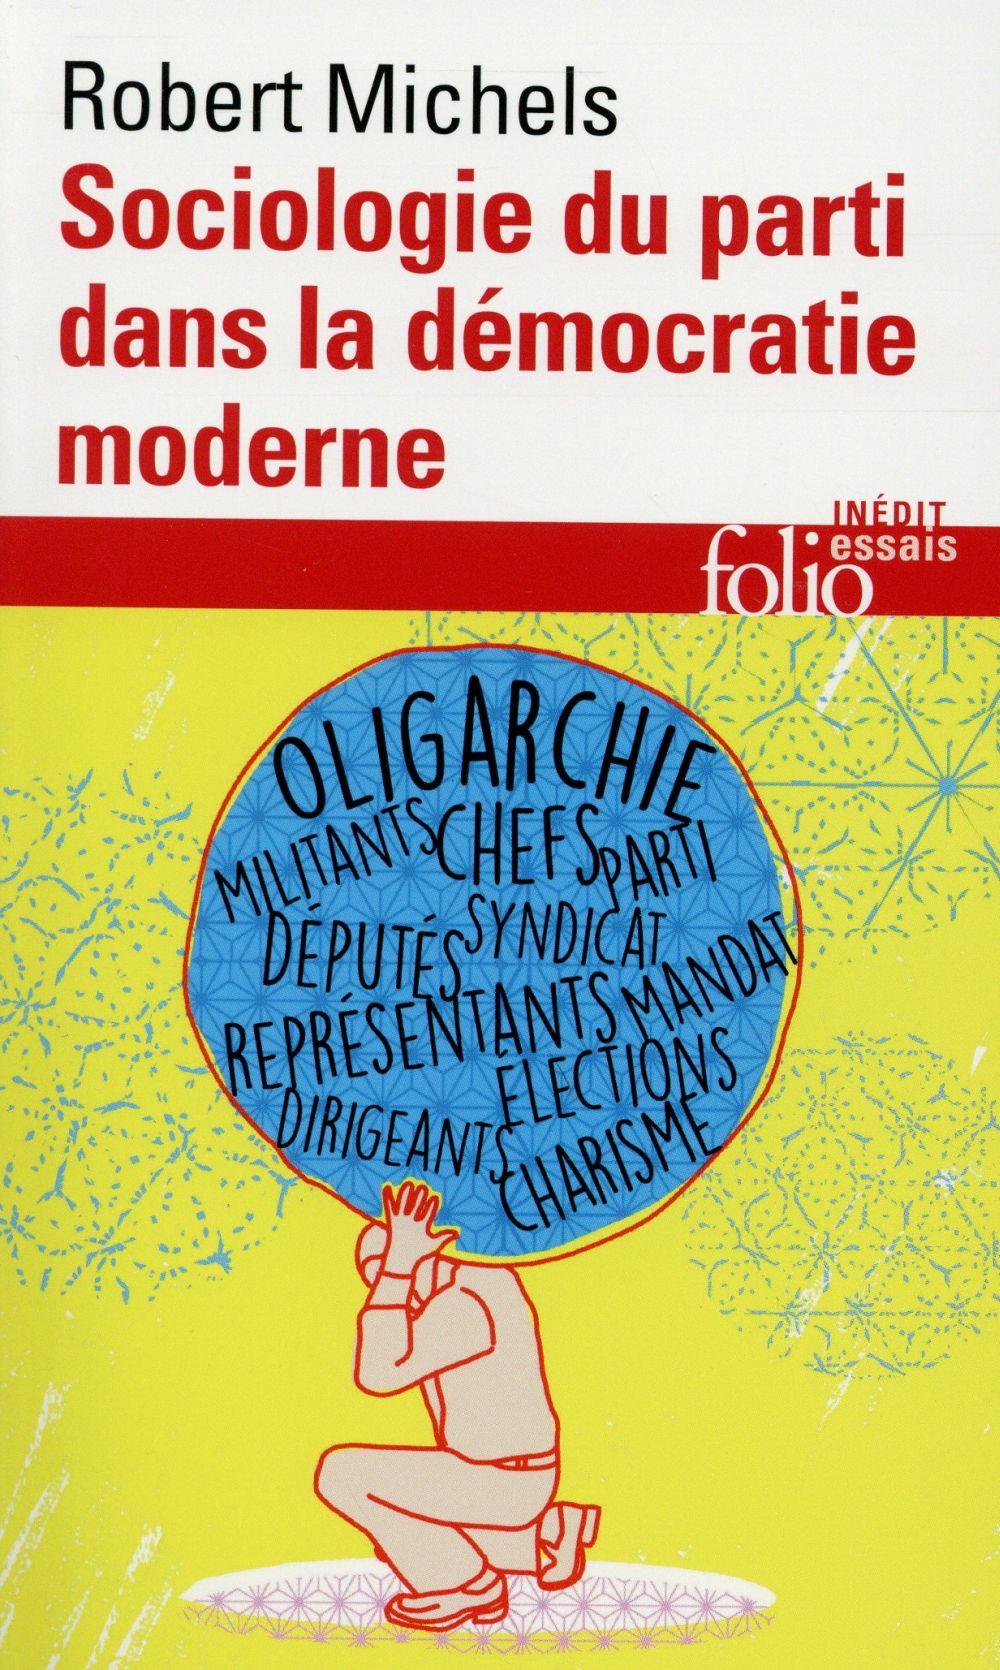 Sociologie du parti dans la démocratie moderne